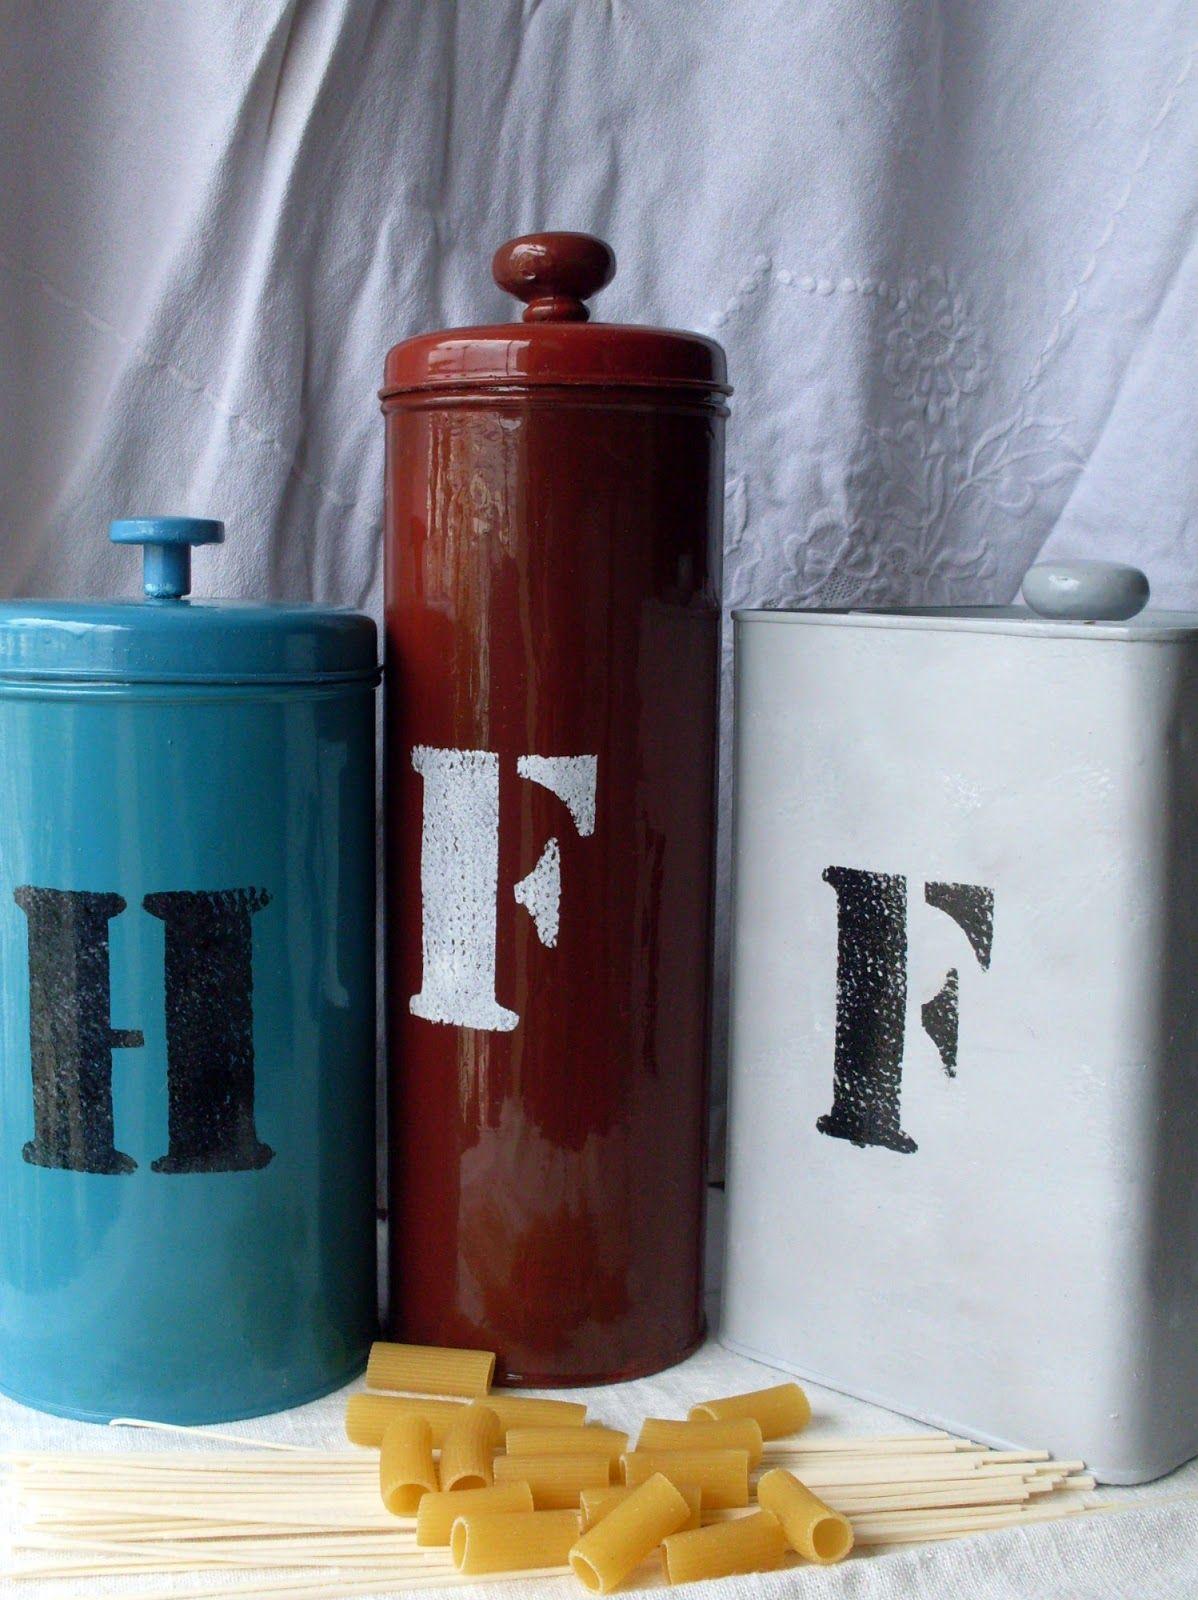 Tus Manos y las Mias: FINDE FRUEGAL viejas latas... nuevas latas. Recycling cans. Old cans, new cans